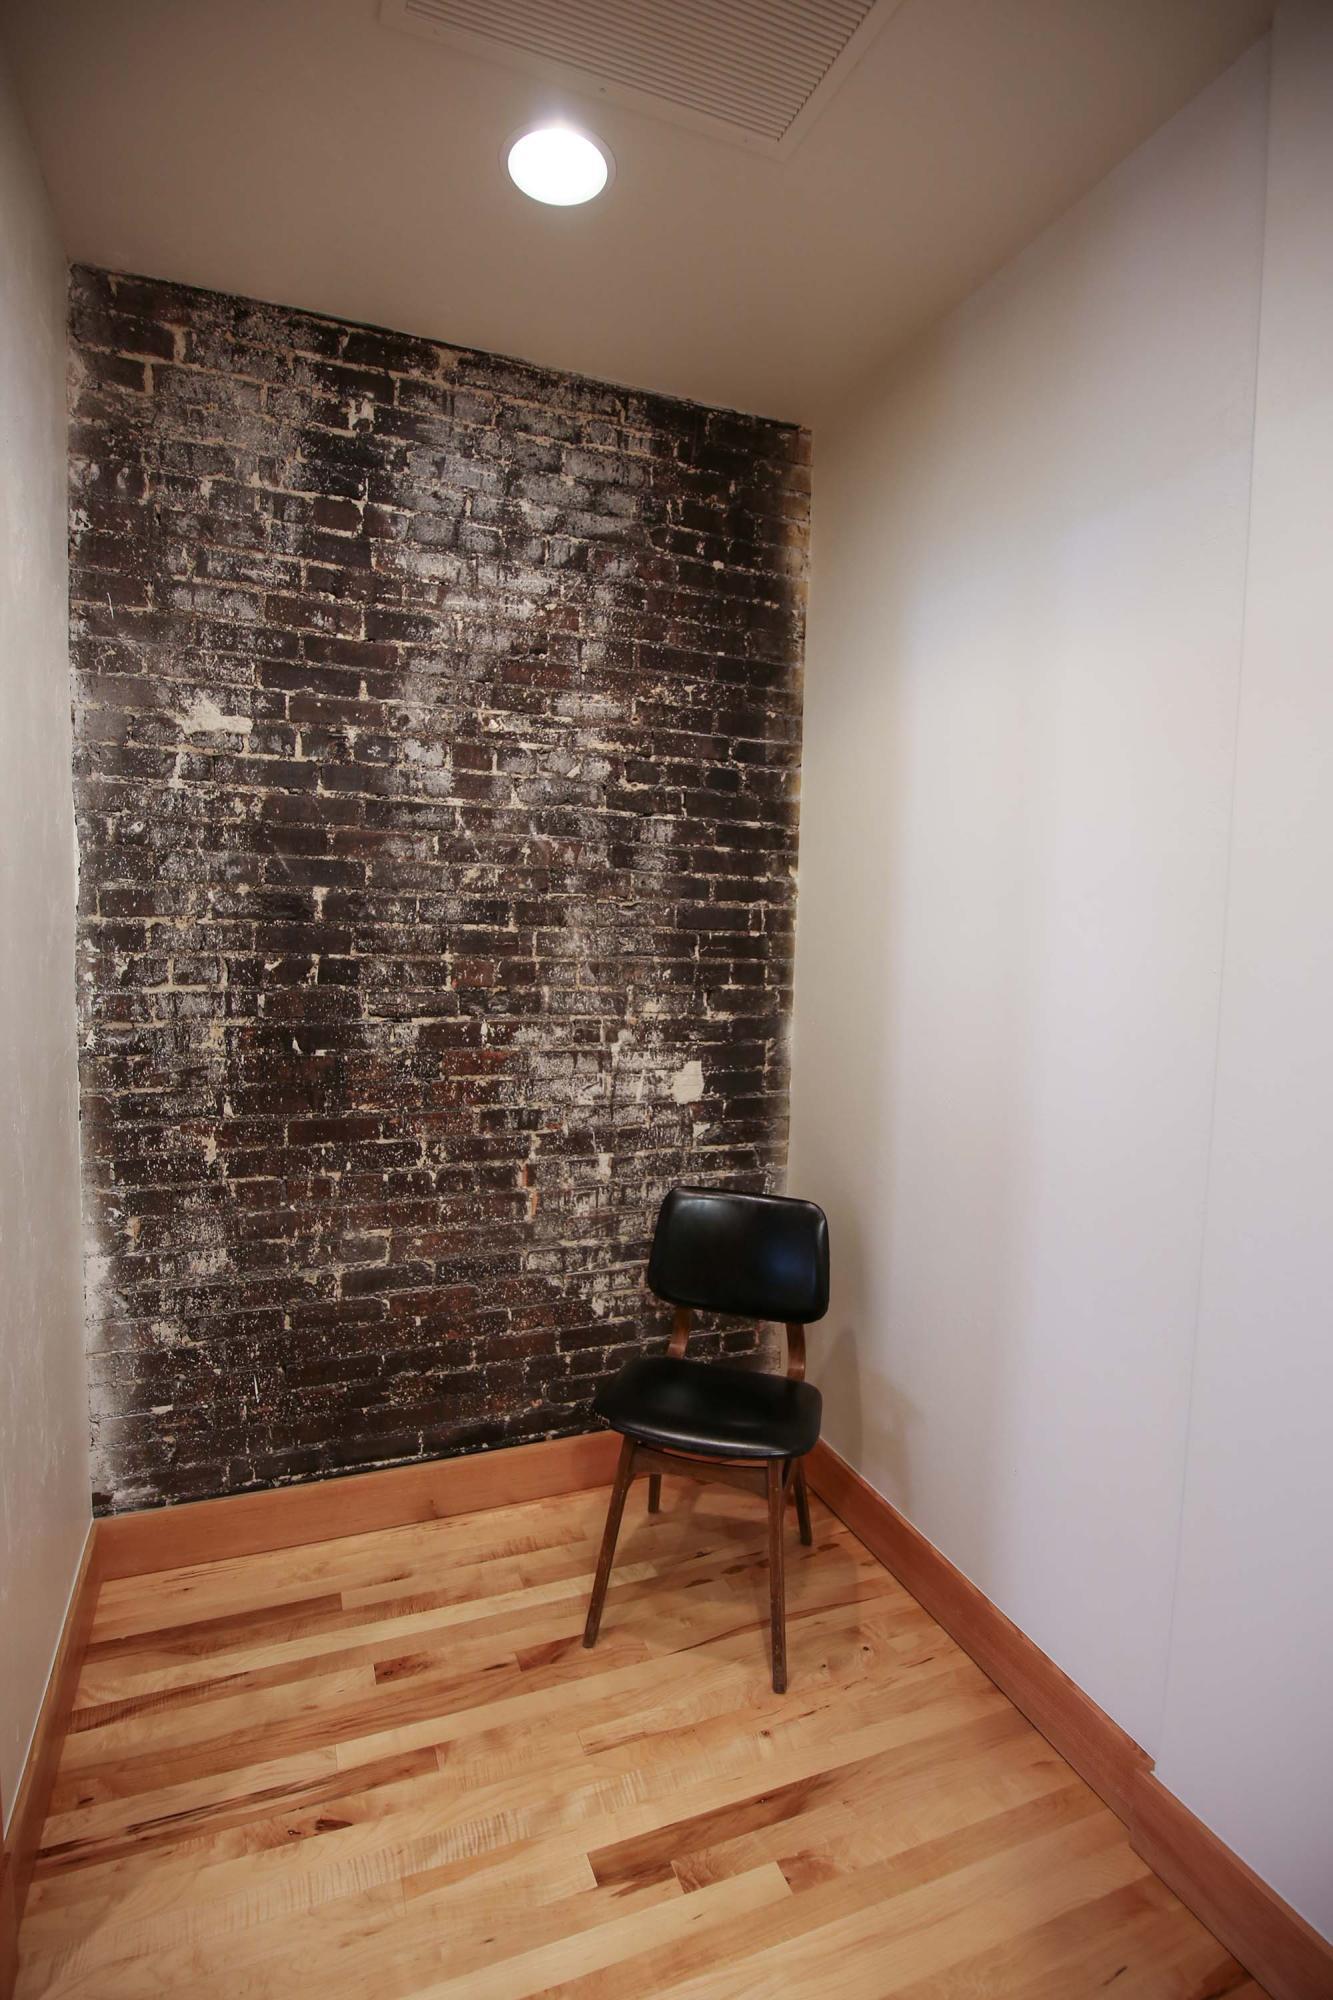 33 Brundage Street, Sheridan, Wyoming 82801, 2 Bedrooms Bedrooms, ,2 BathroomsBathrooms,Residential,For Sale,Brundage,18-846